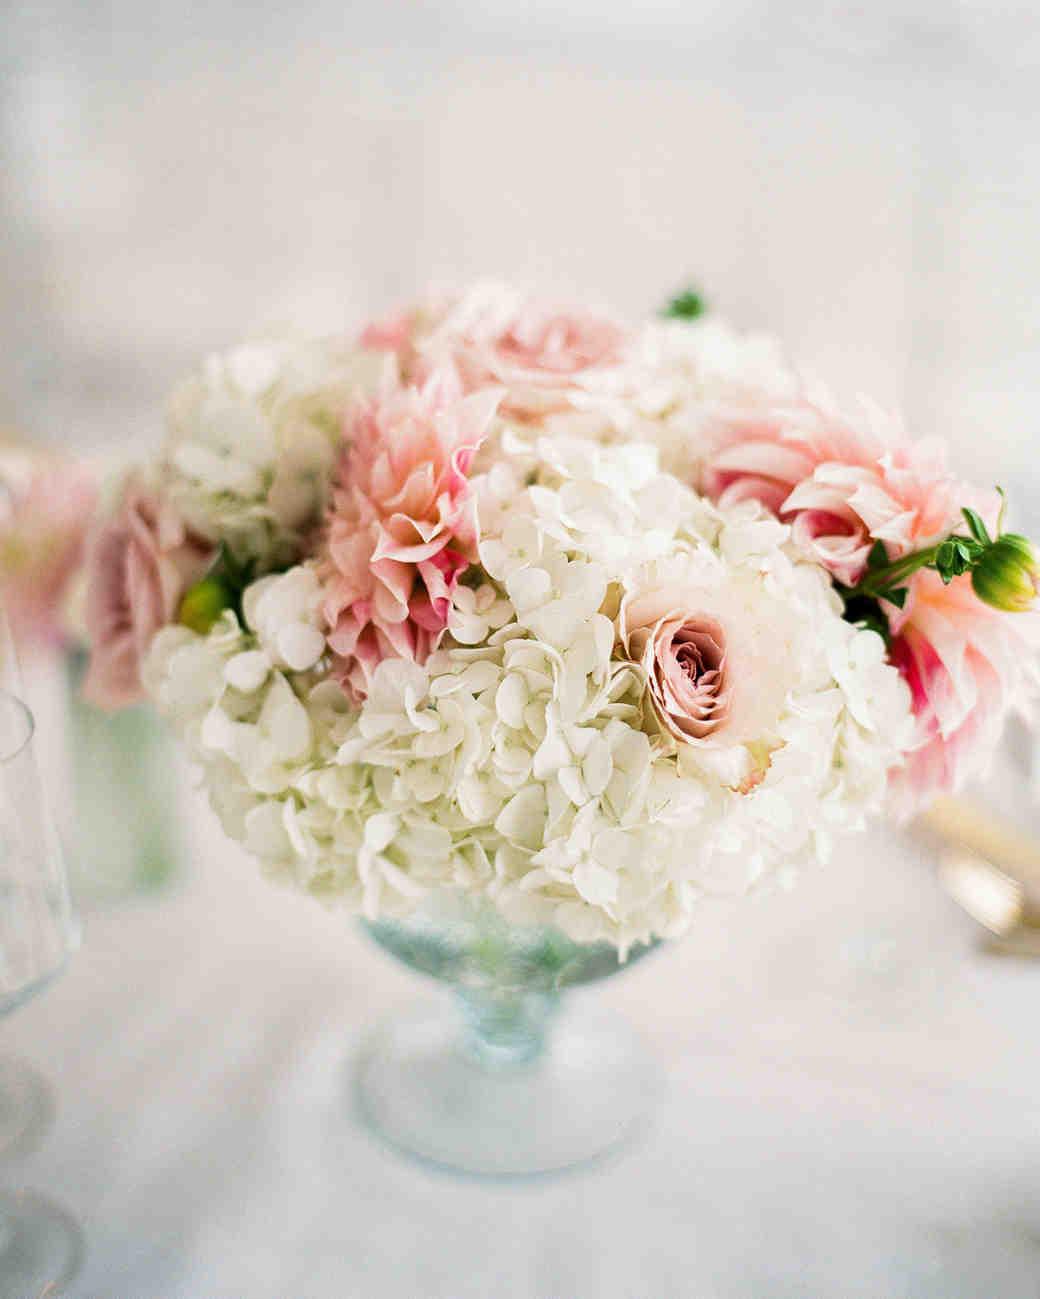 Pink dahlia and white hydrangea wedding centerpiece